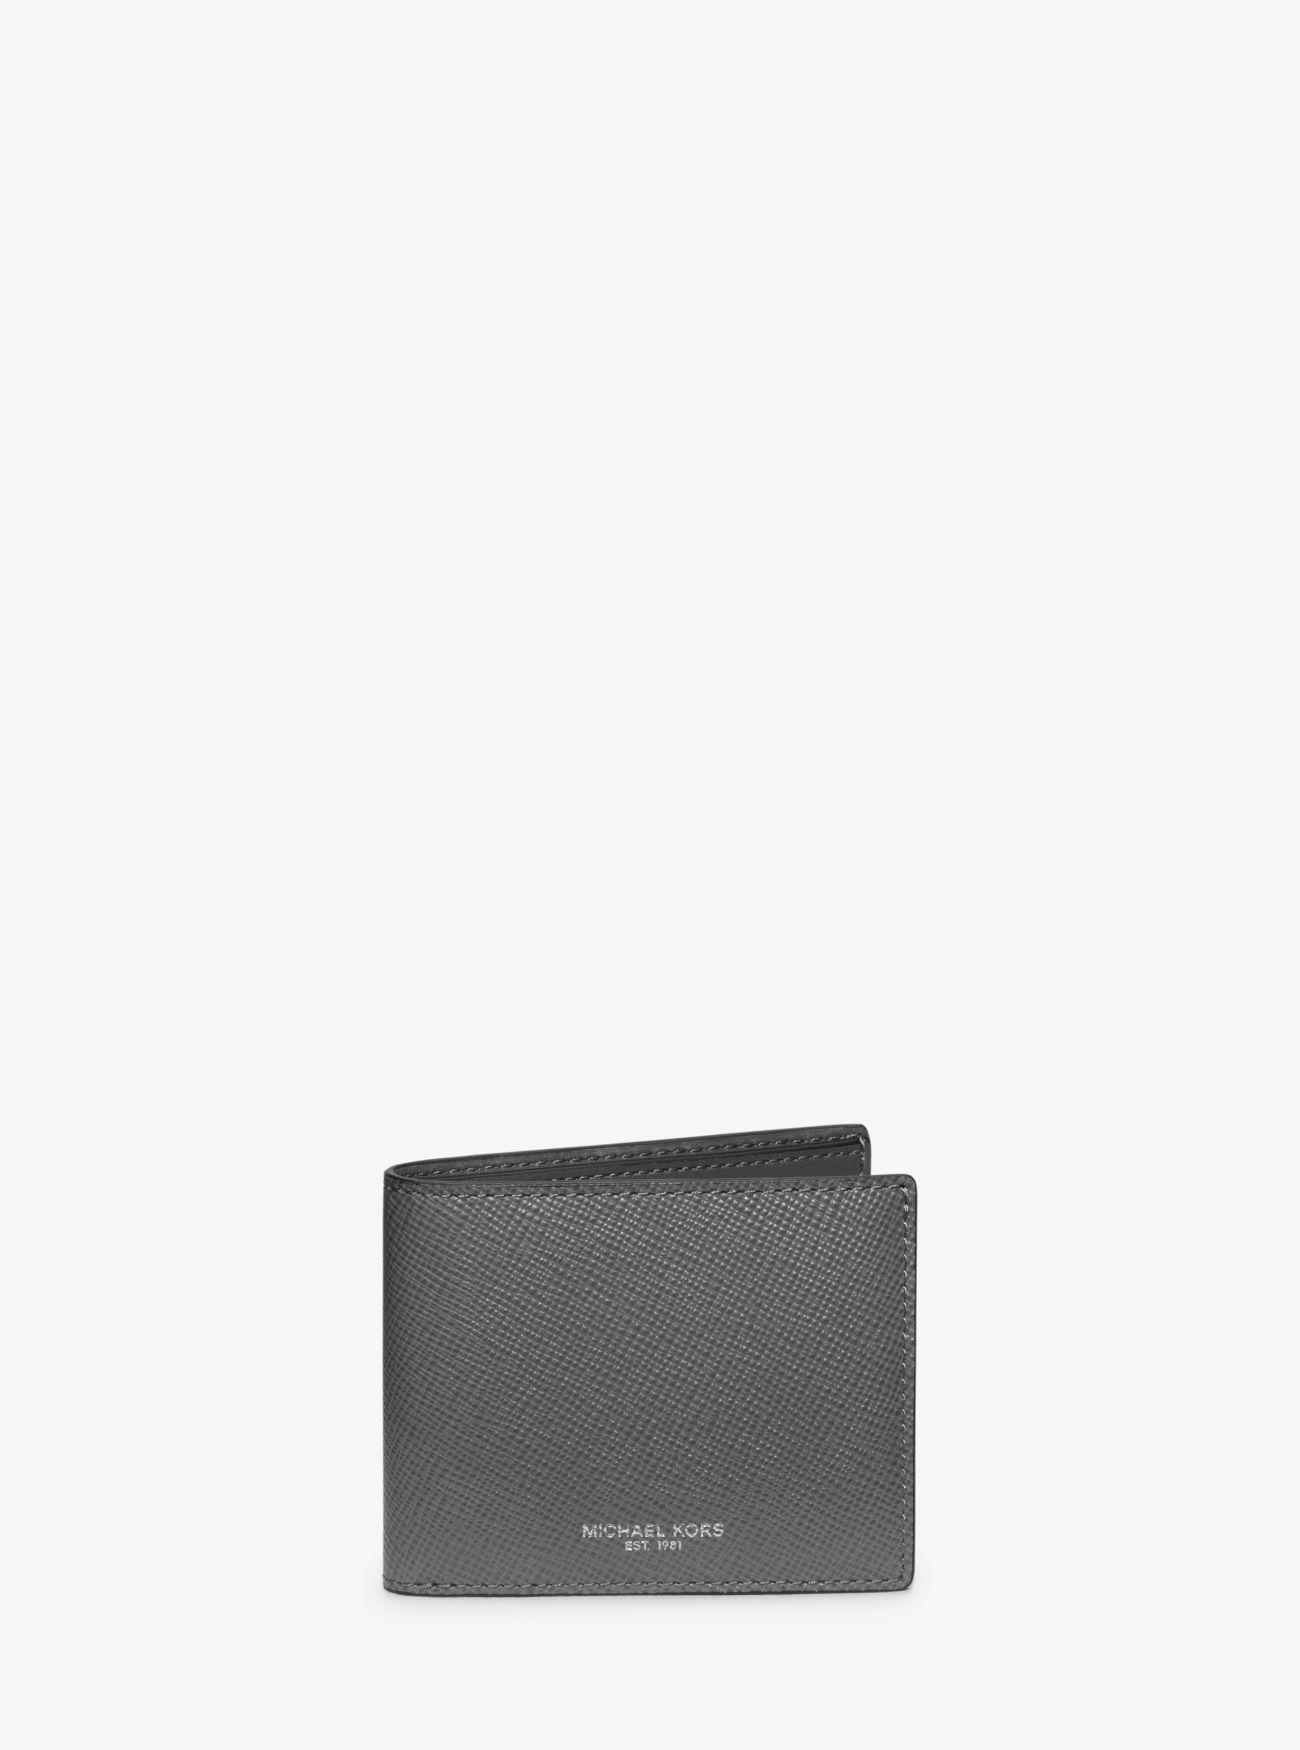 8881b02a83ce Michael Kors Harrison Leather Slim Billfold Wallet in Blue for Men ...